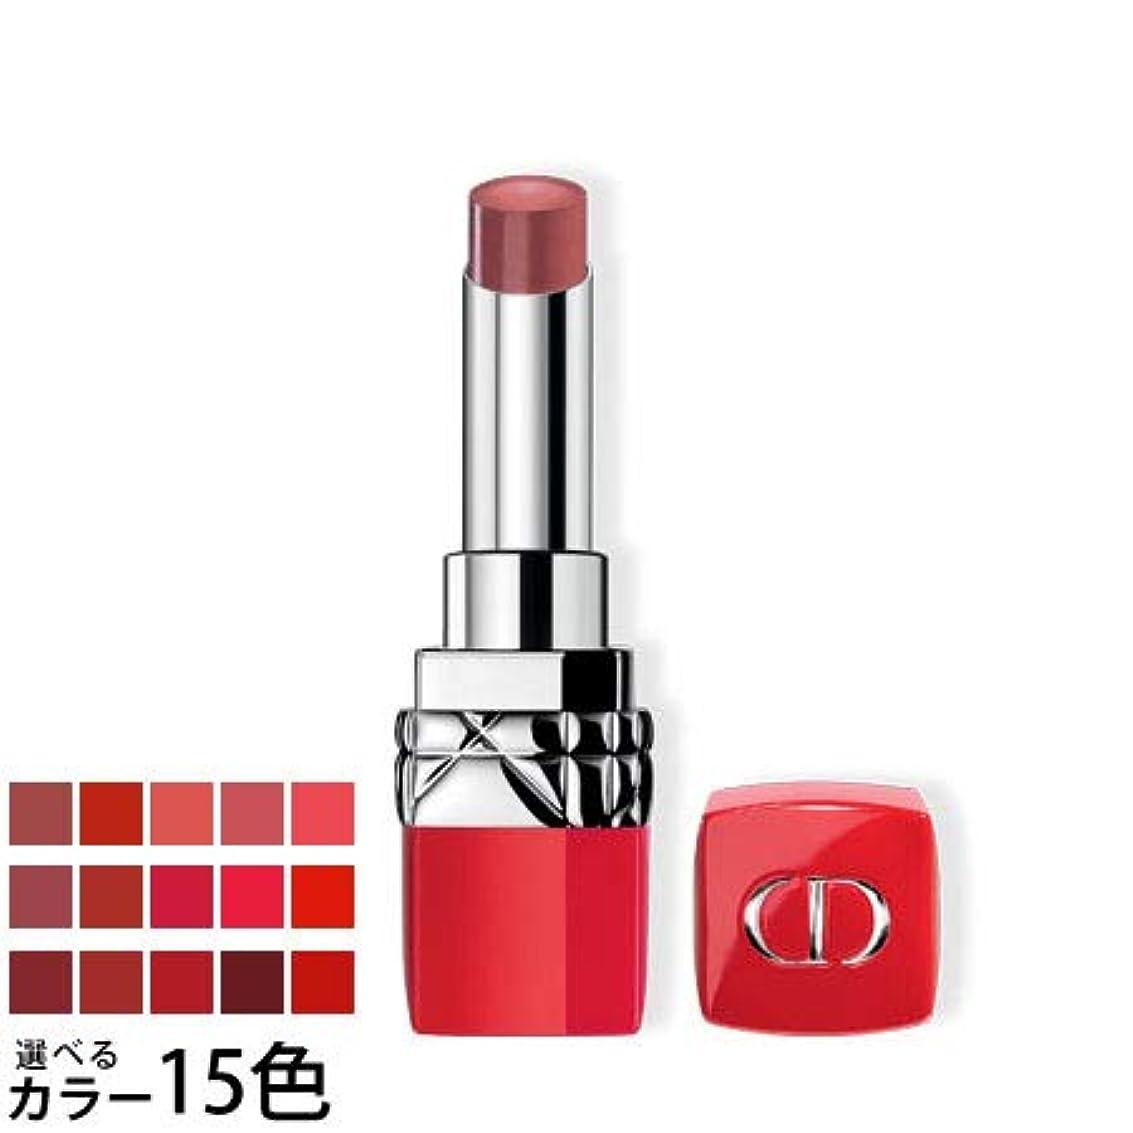 むしゃむしゃ笑最初ディオール ルージュ ディオール ウルトラ ルージュ 選べる15色 -Dior- 851